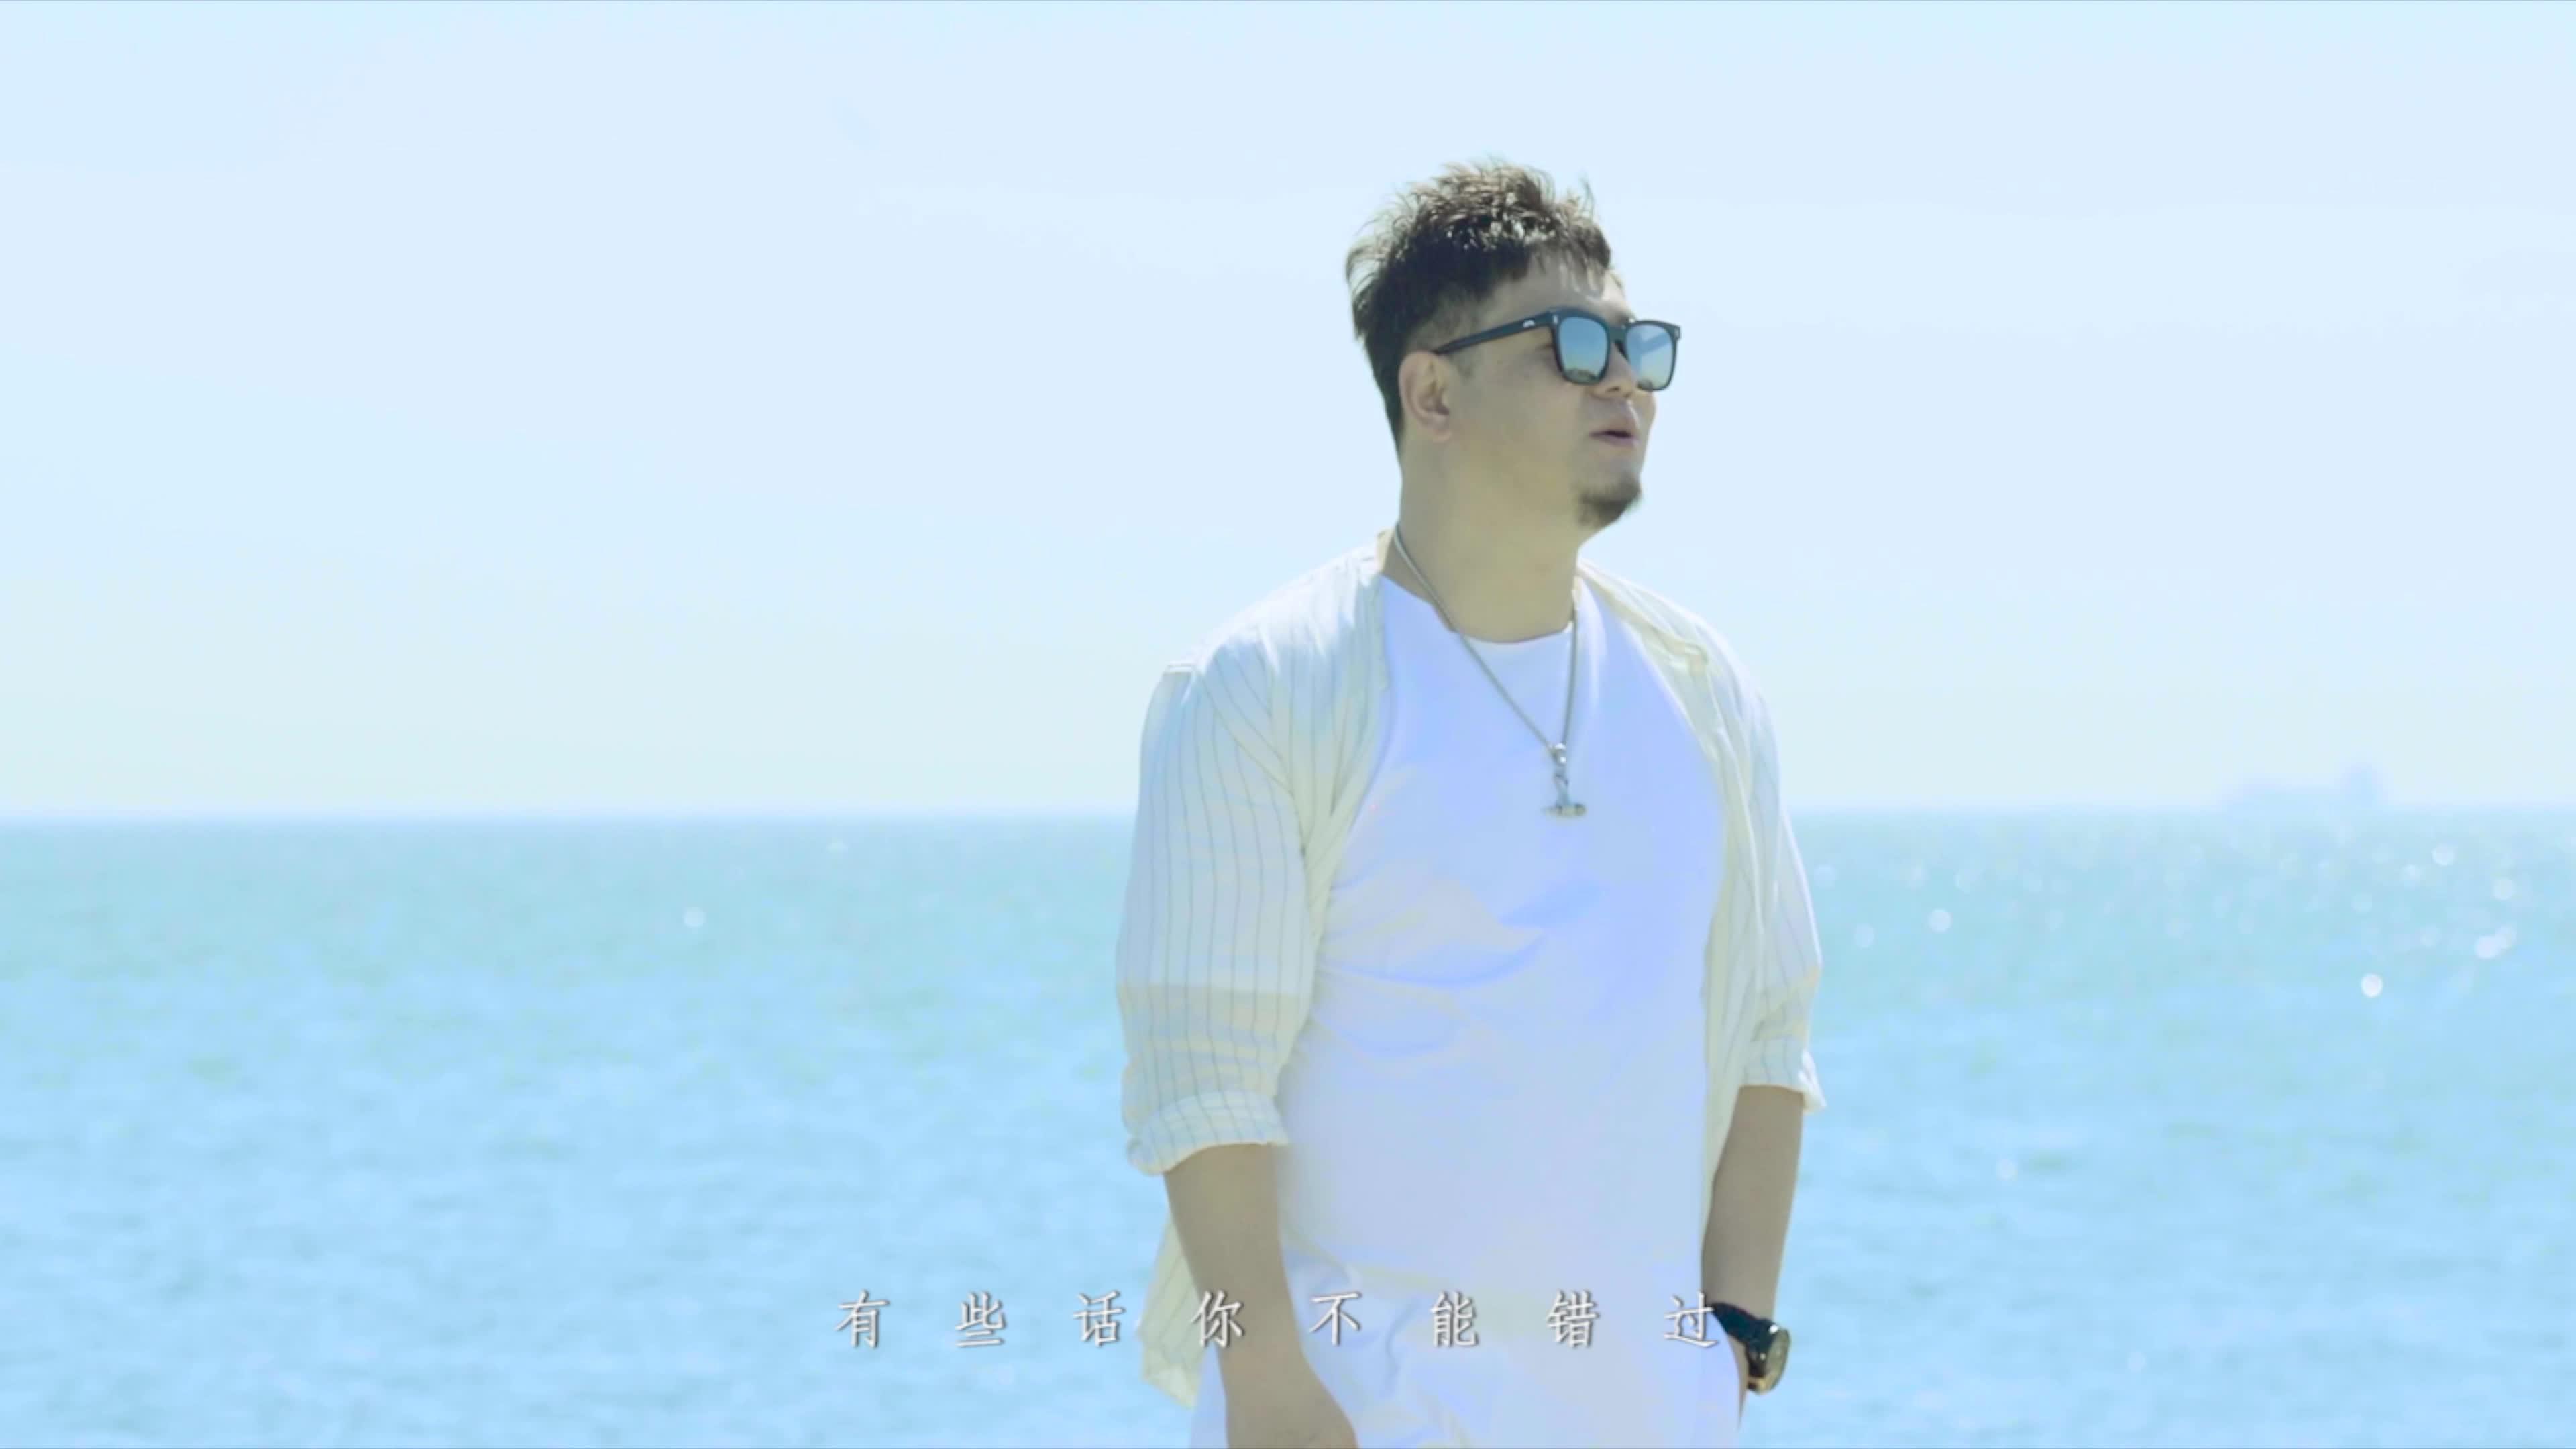 低碳音乐舟-歌手阿里郎·张晋佑·你是我的宝